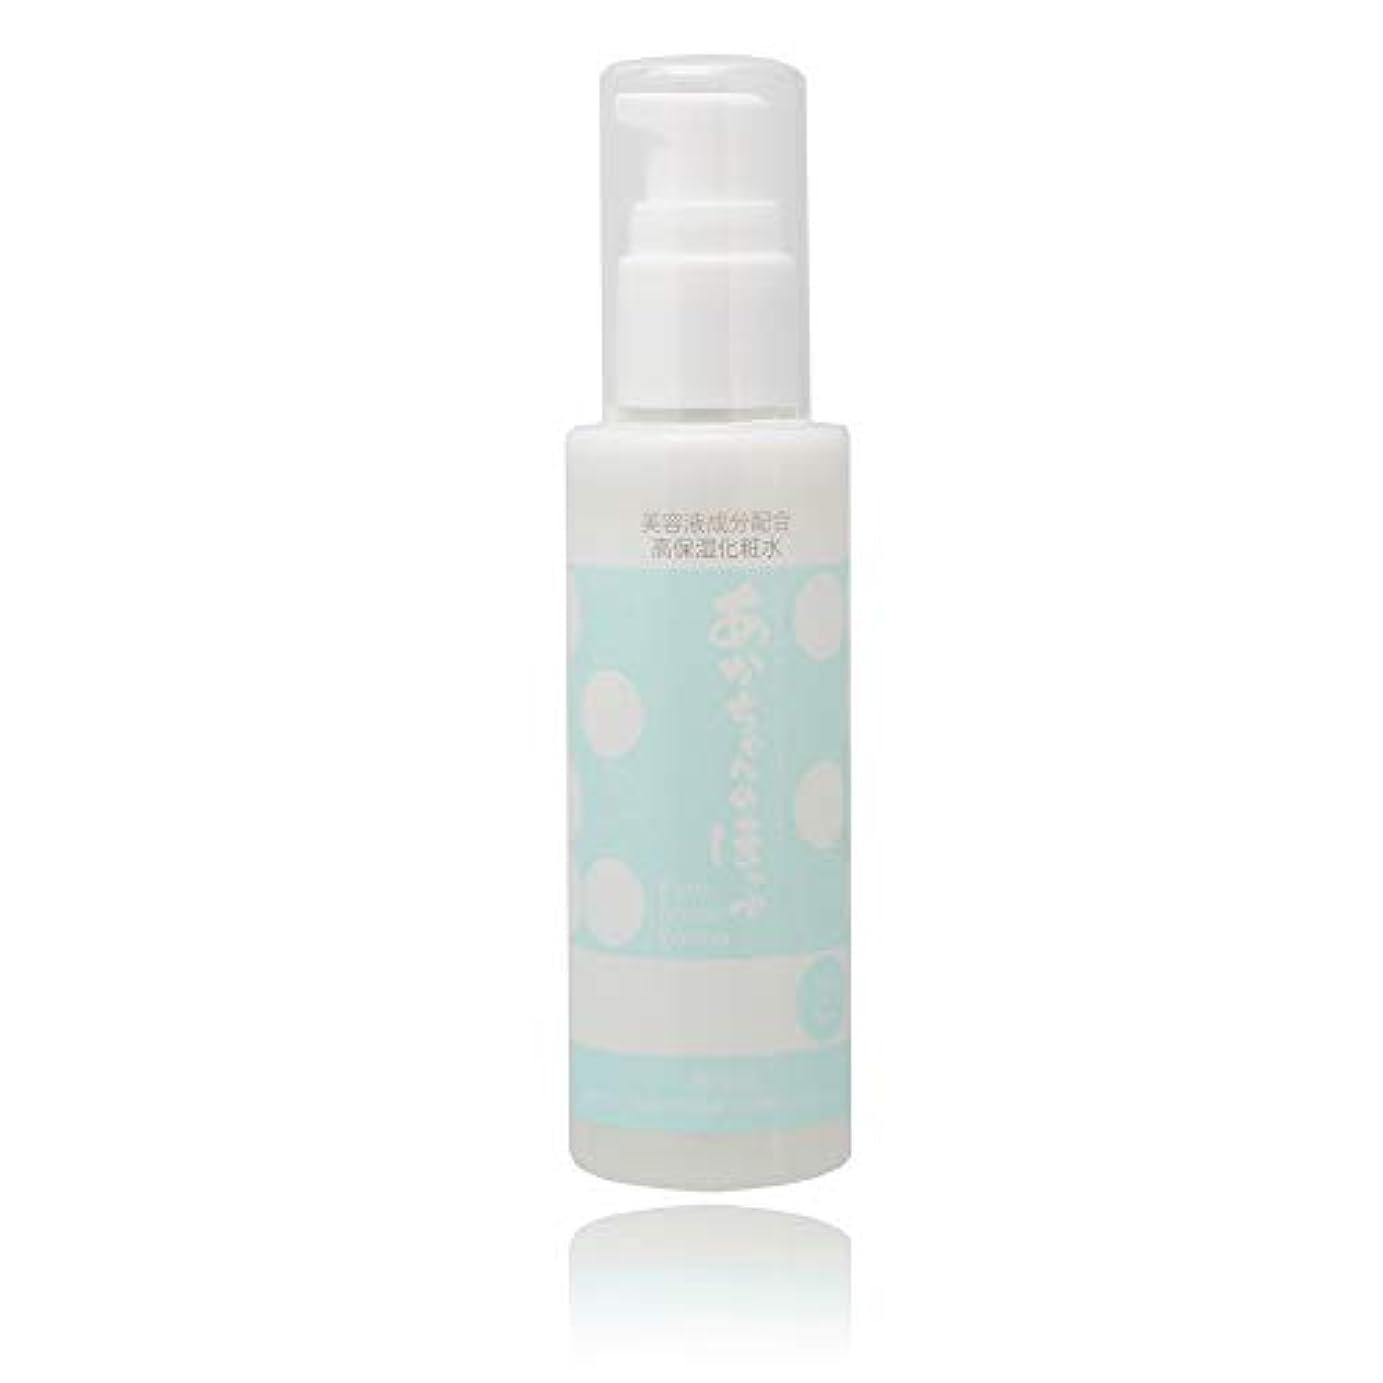 関連付けるブーストラベル美容液からつくった高保湿栄養化粧水 「あかちゃんのほっぺ」 PureMoist 80ml 明日のお肌が好きになる化粧水